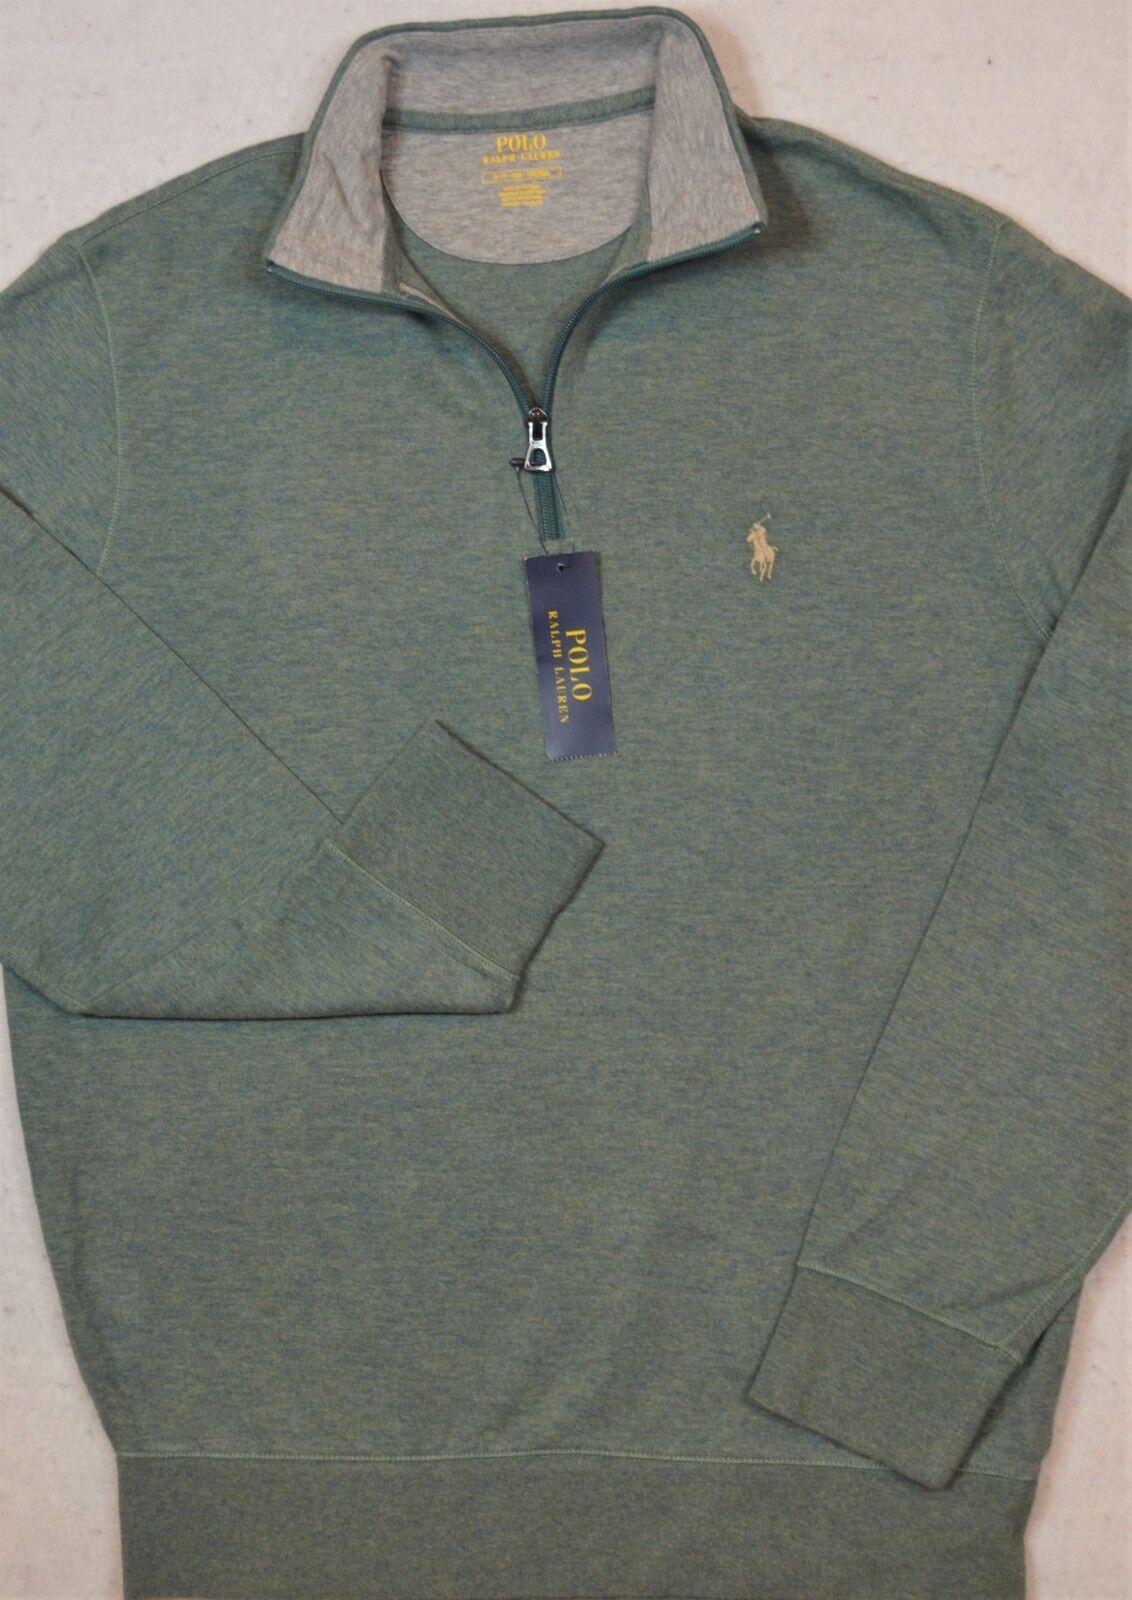 Polo Ralph Lauren Jersey Pullover Grün 1/2 Half-Zip Größe XXL NWT